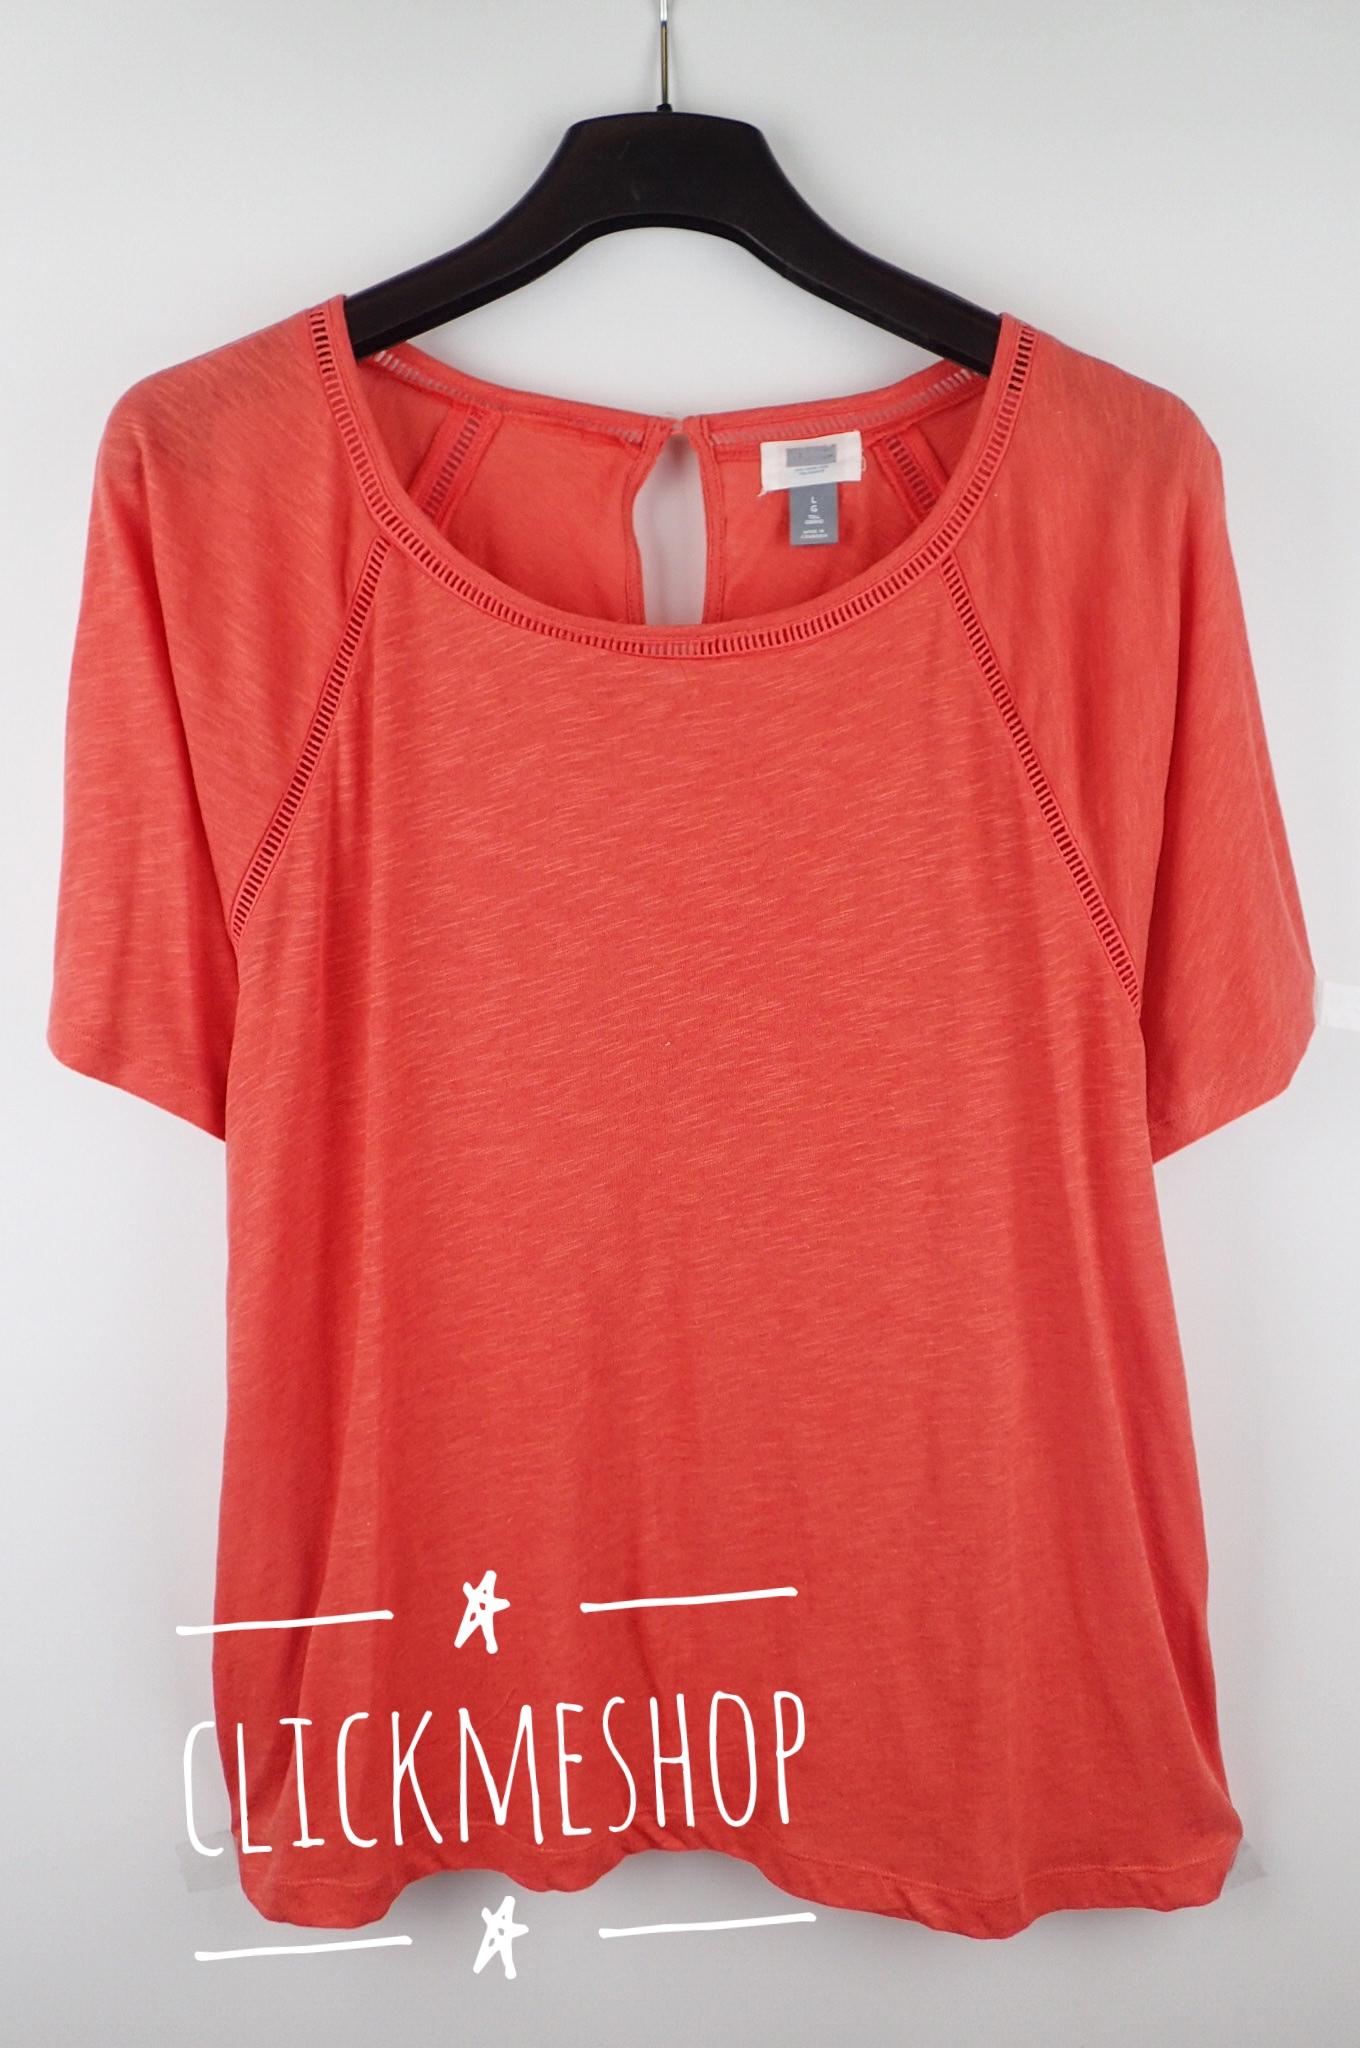 (ไซส์ XXL หน้าอก 46-48 นิ้ว ) เสื้อยืด Oldnavy สีส้ม มีลายฉลุที่ไหล่ เรียบๆน่ารักคะ